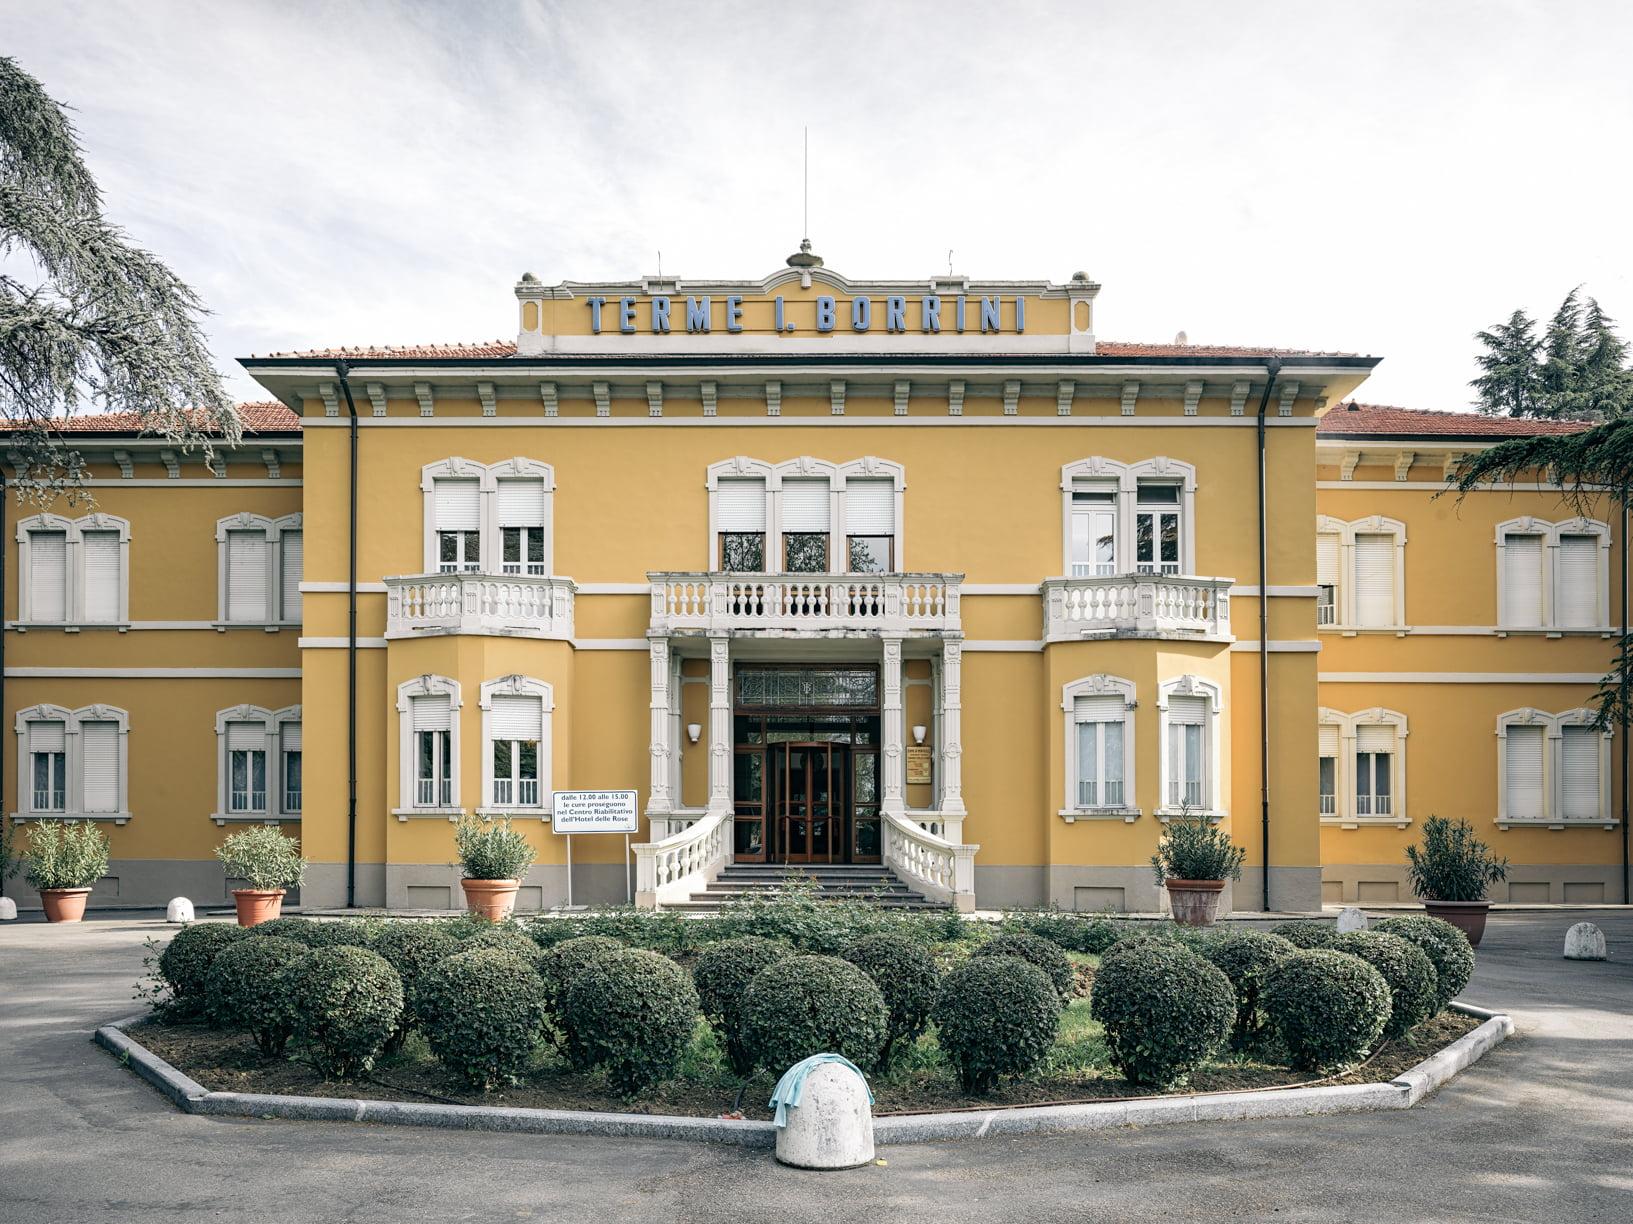 Montechiarugolo Andrea Pirisi